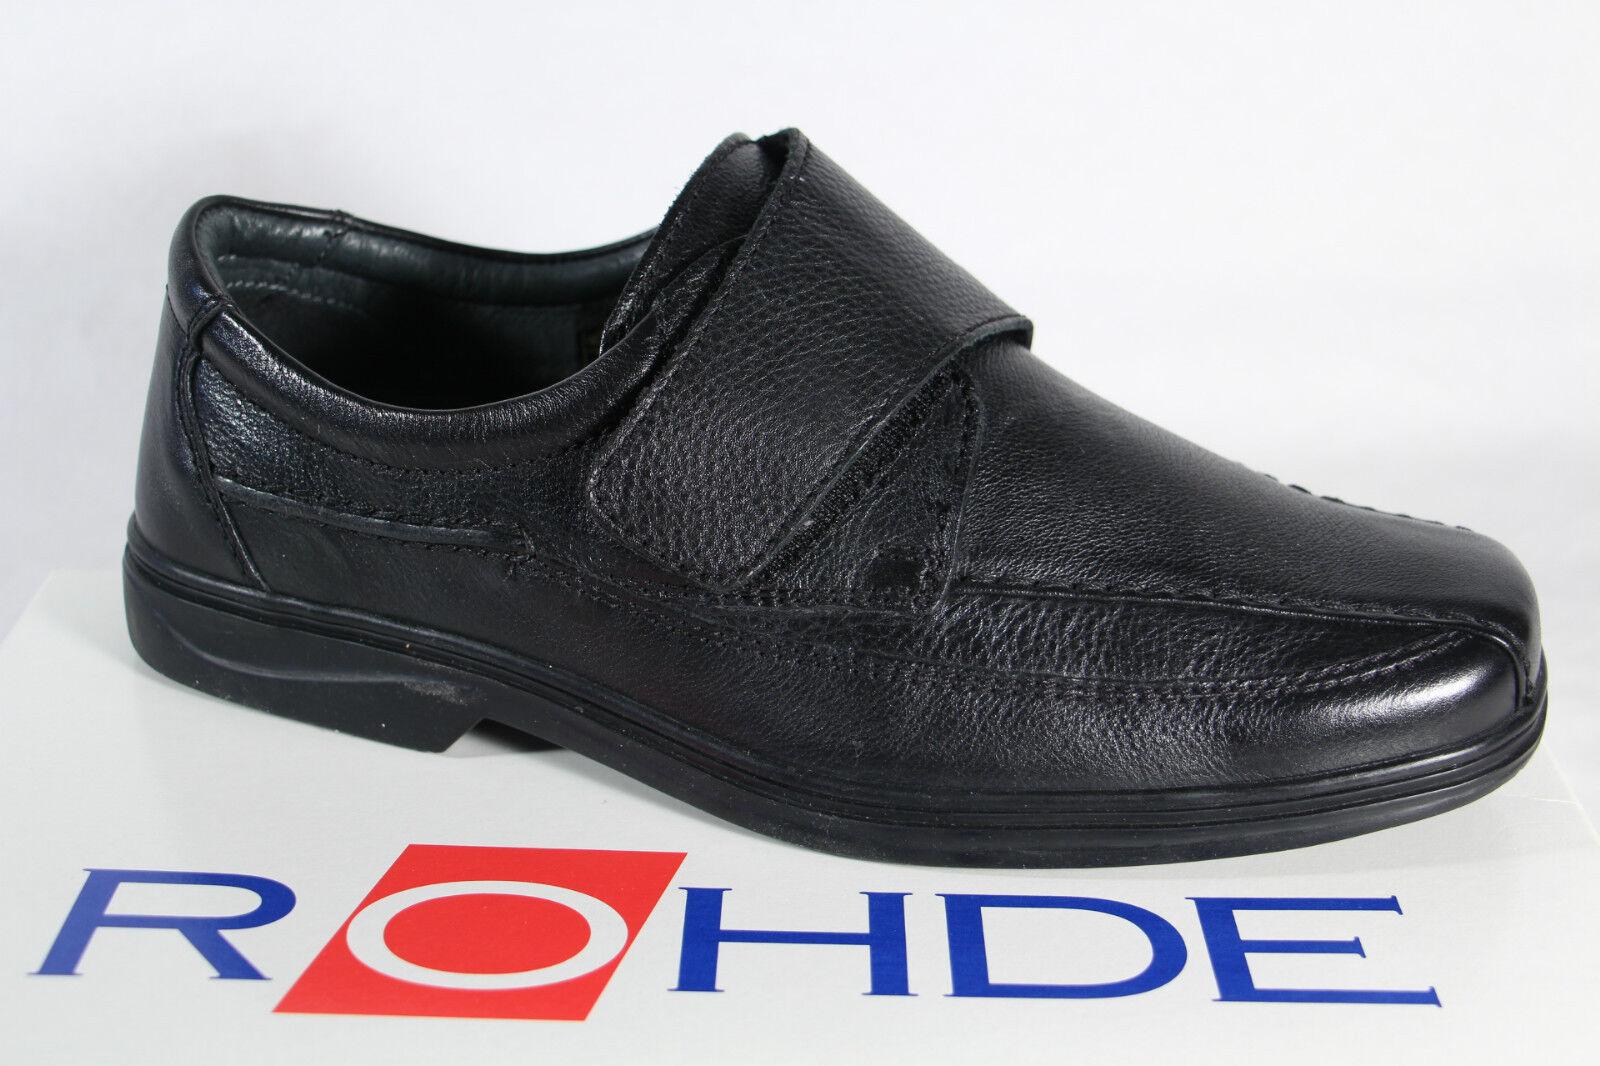 Rohde Pantoufles pour Hommes Chaussures de Sport Basses